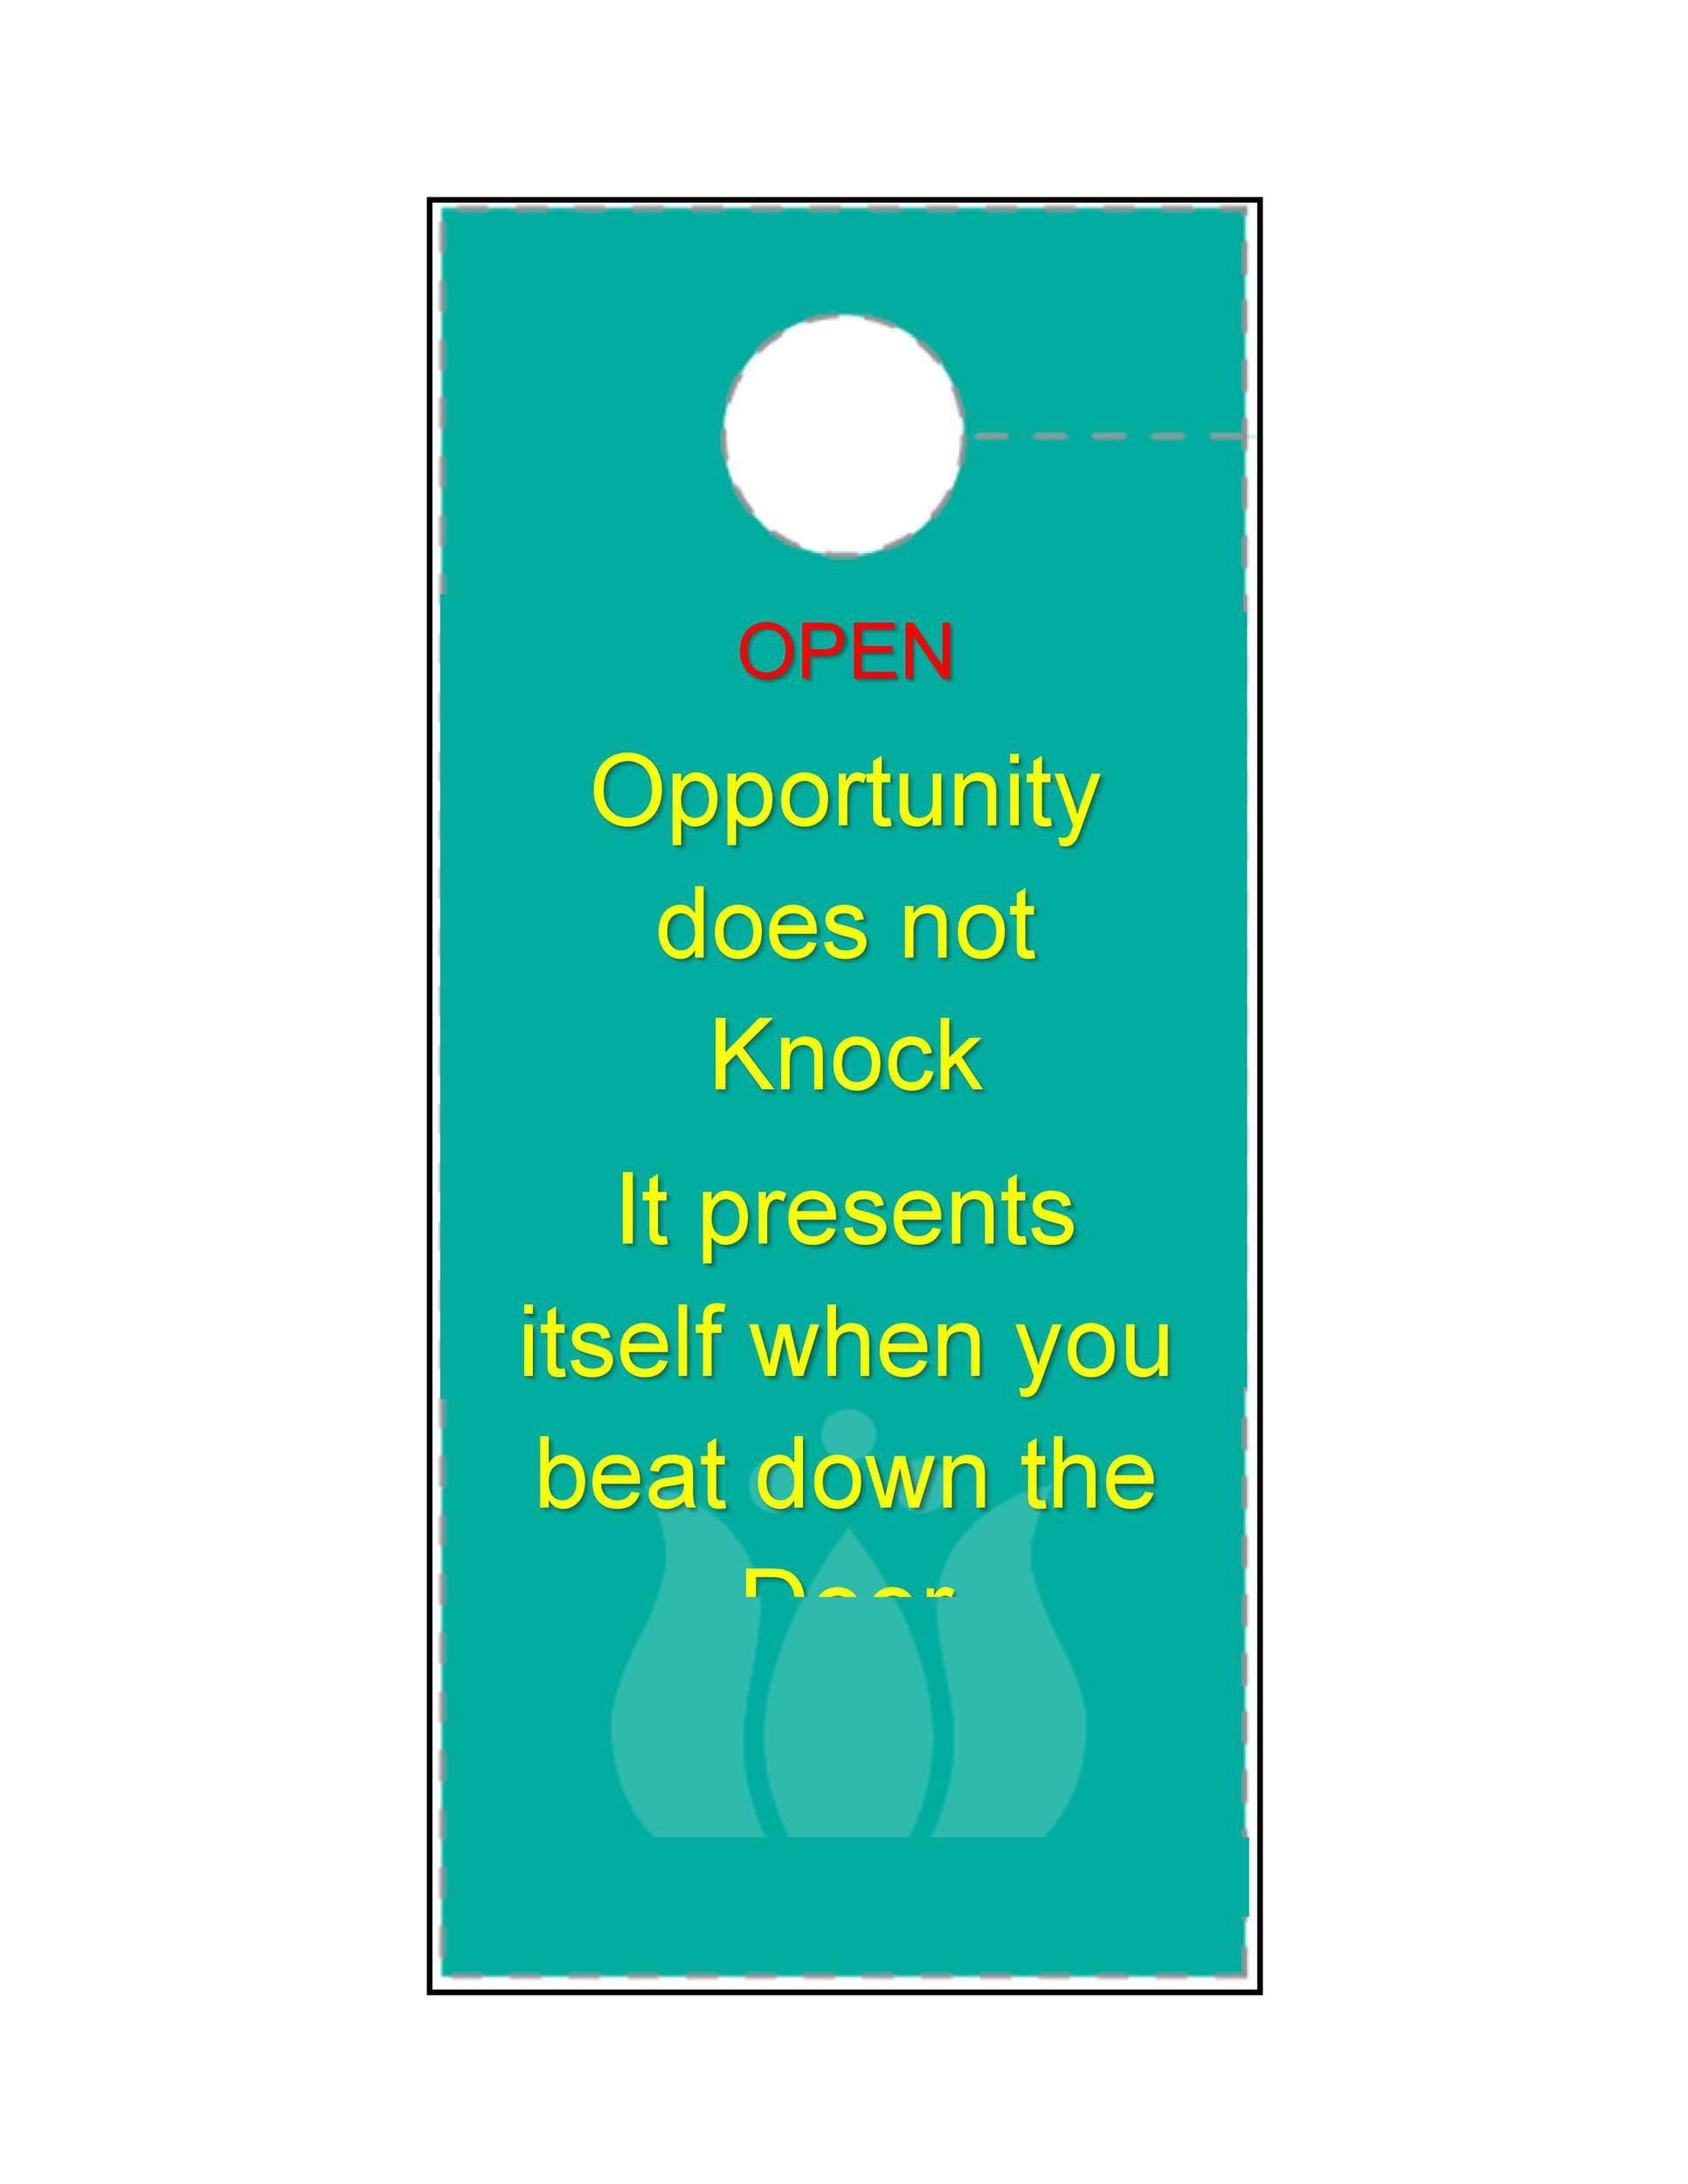 005 Astounding Free Online Door Hanger Template Sample  TemplatesFull